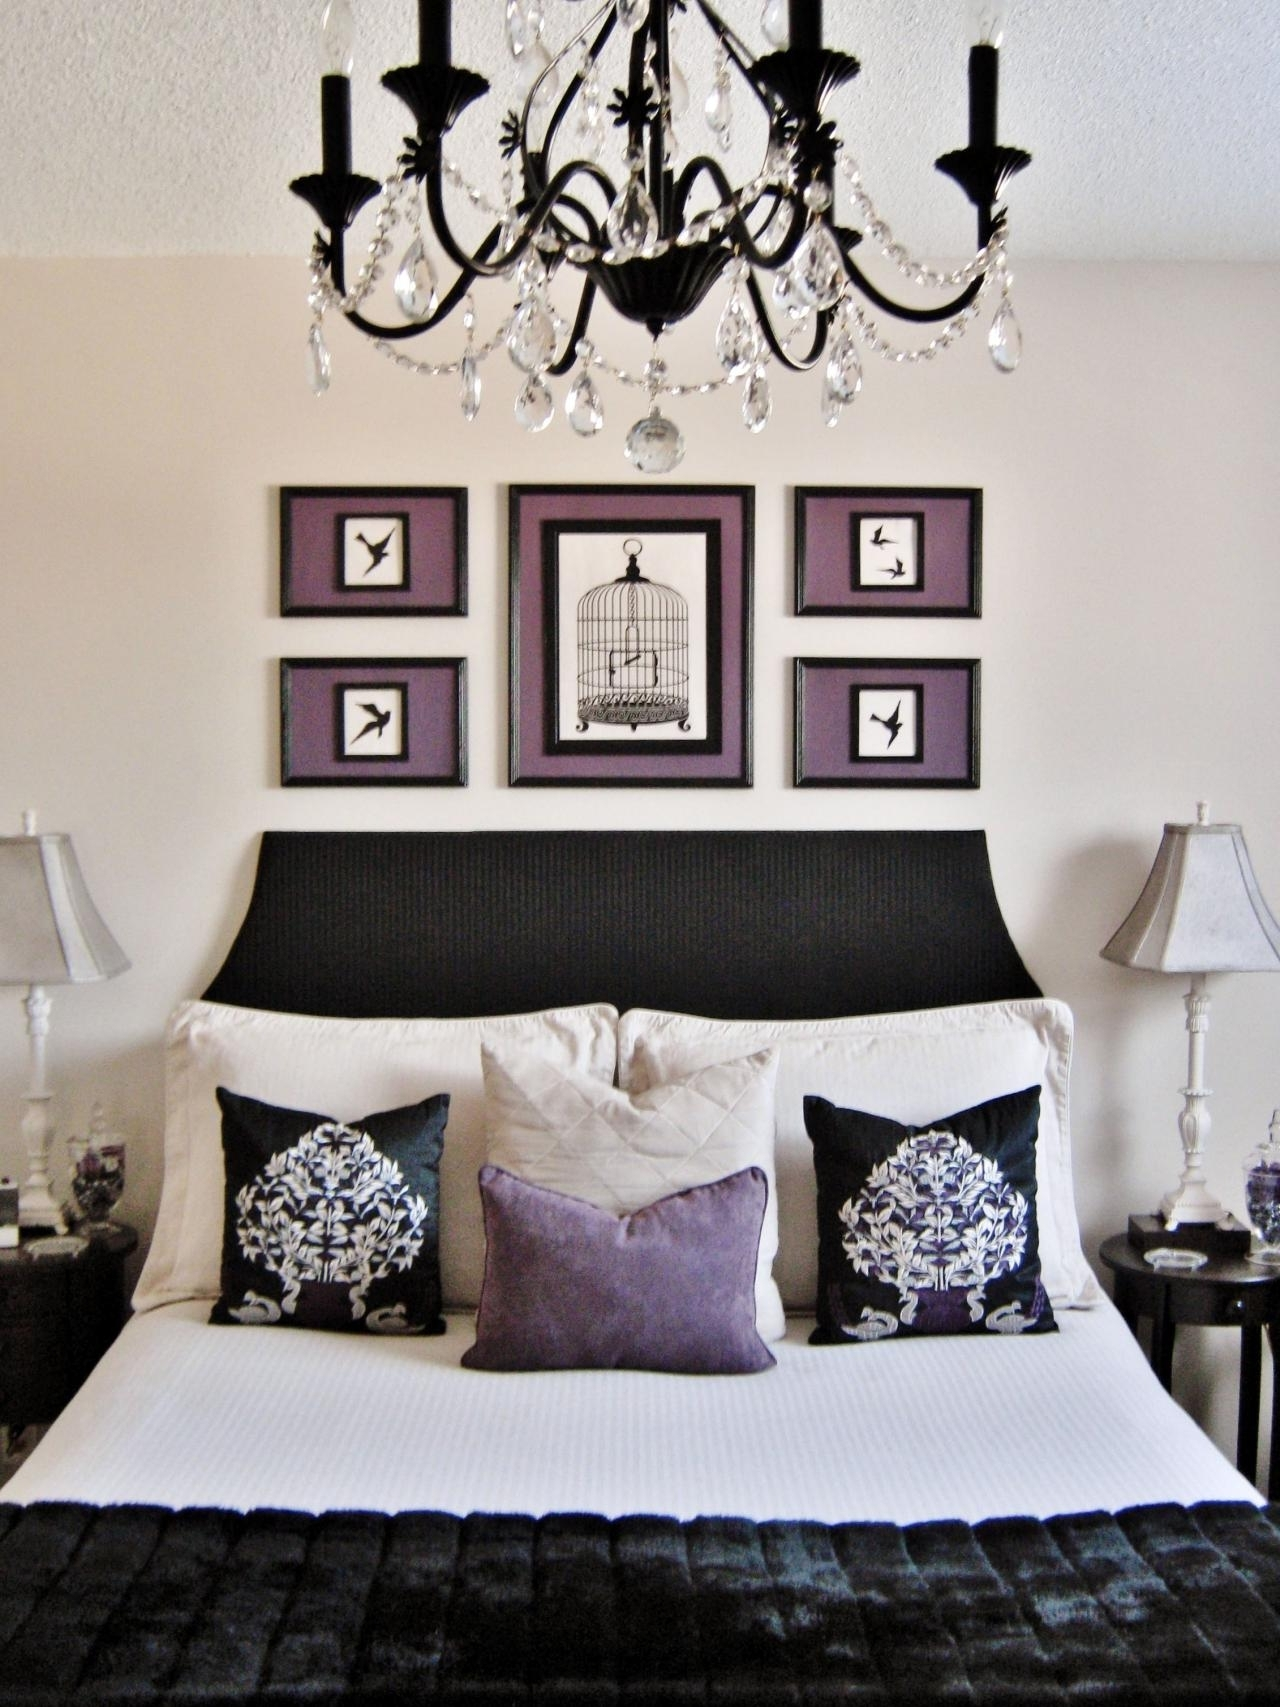 Current Black Chandelier Bedroom In Chandelier. Amusing Black Chandelier For Bedroom Decor: Fascinating (Gallery 10 of 15)